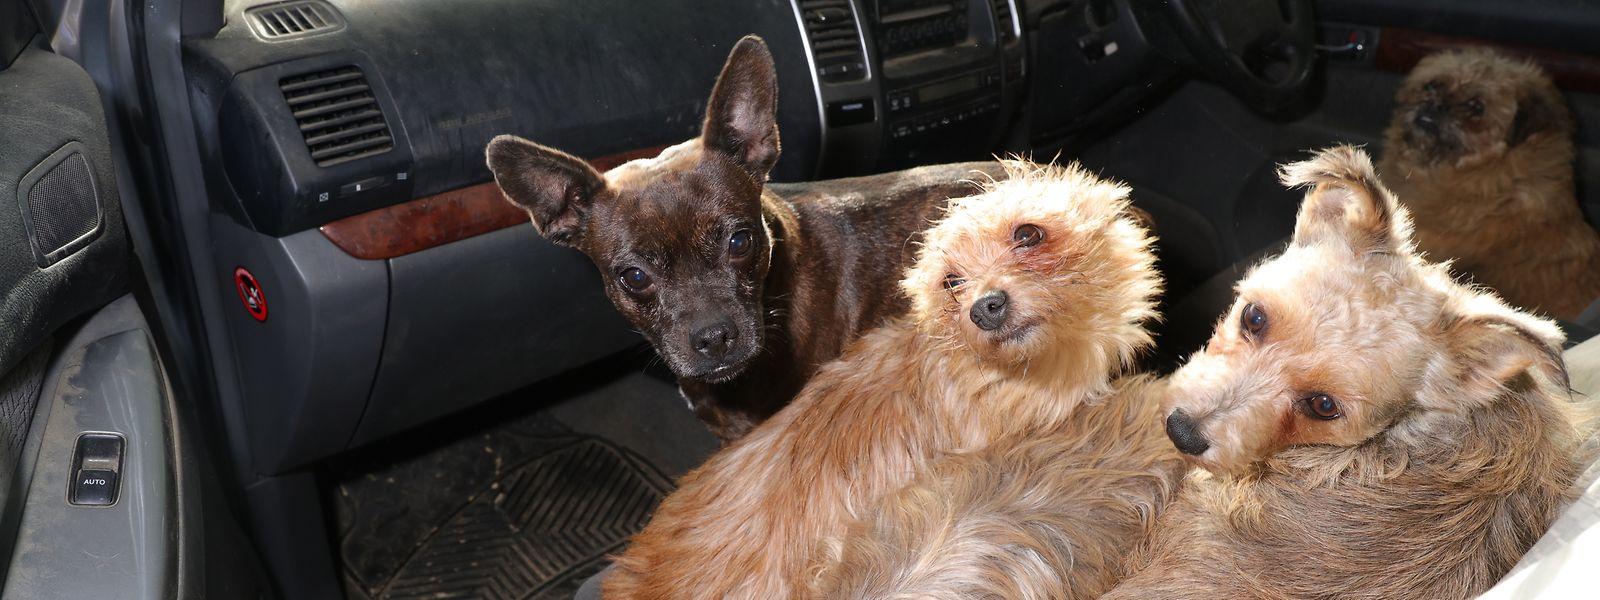 In Wales gelang es der Polizei nach einem Einsatz in der Grafschaft Carmarthenshire, fast 30 entführte Hunde an ihre rechtmäßigen Besitzer zurückzugeben.